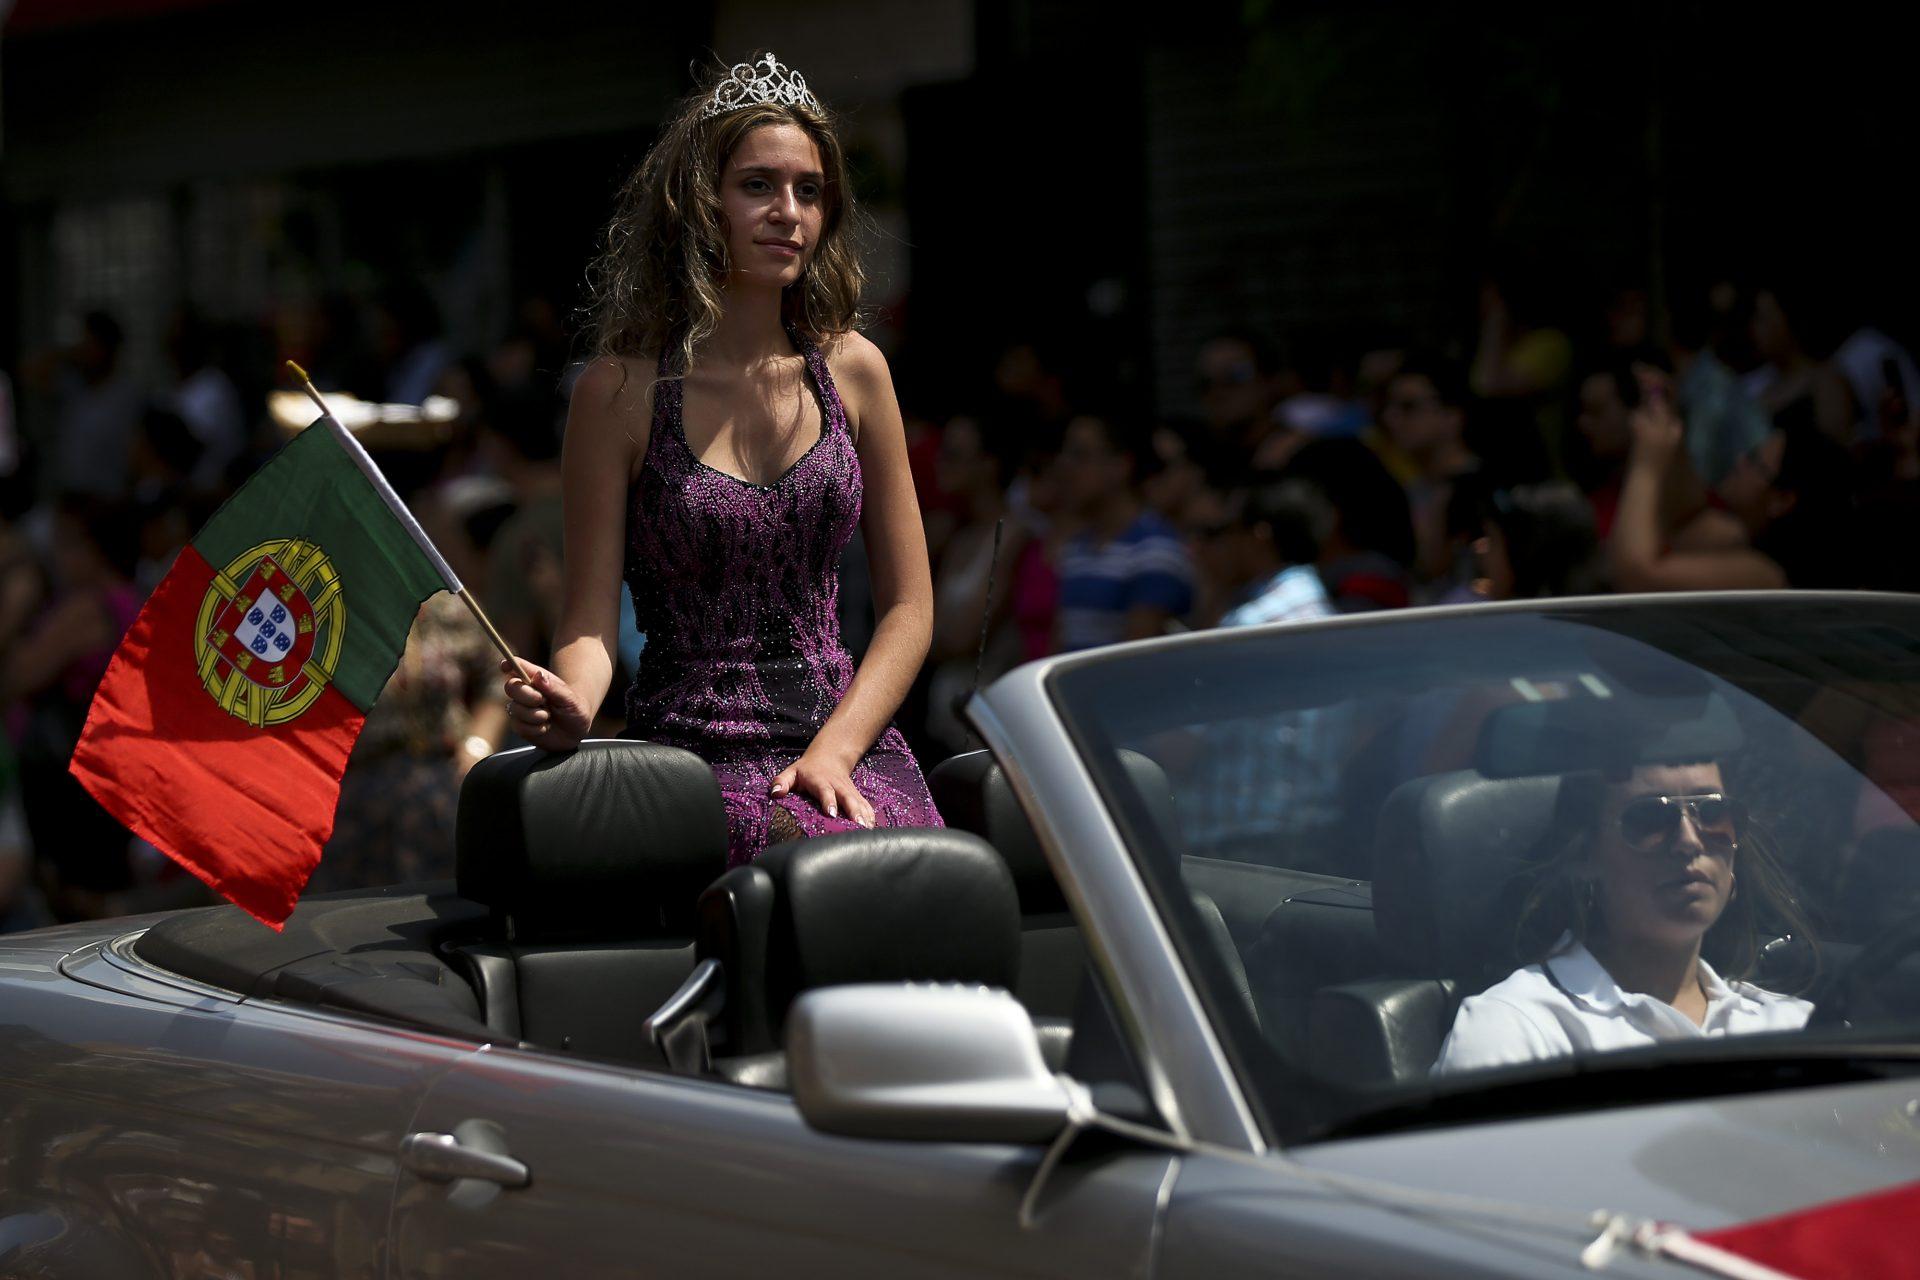 Português é o 3º idioma estrangeiro mais falado em New Jersey